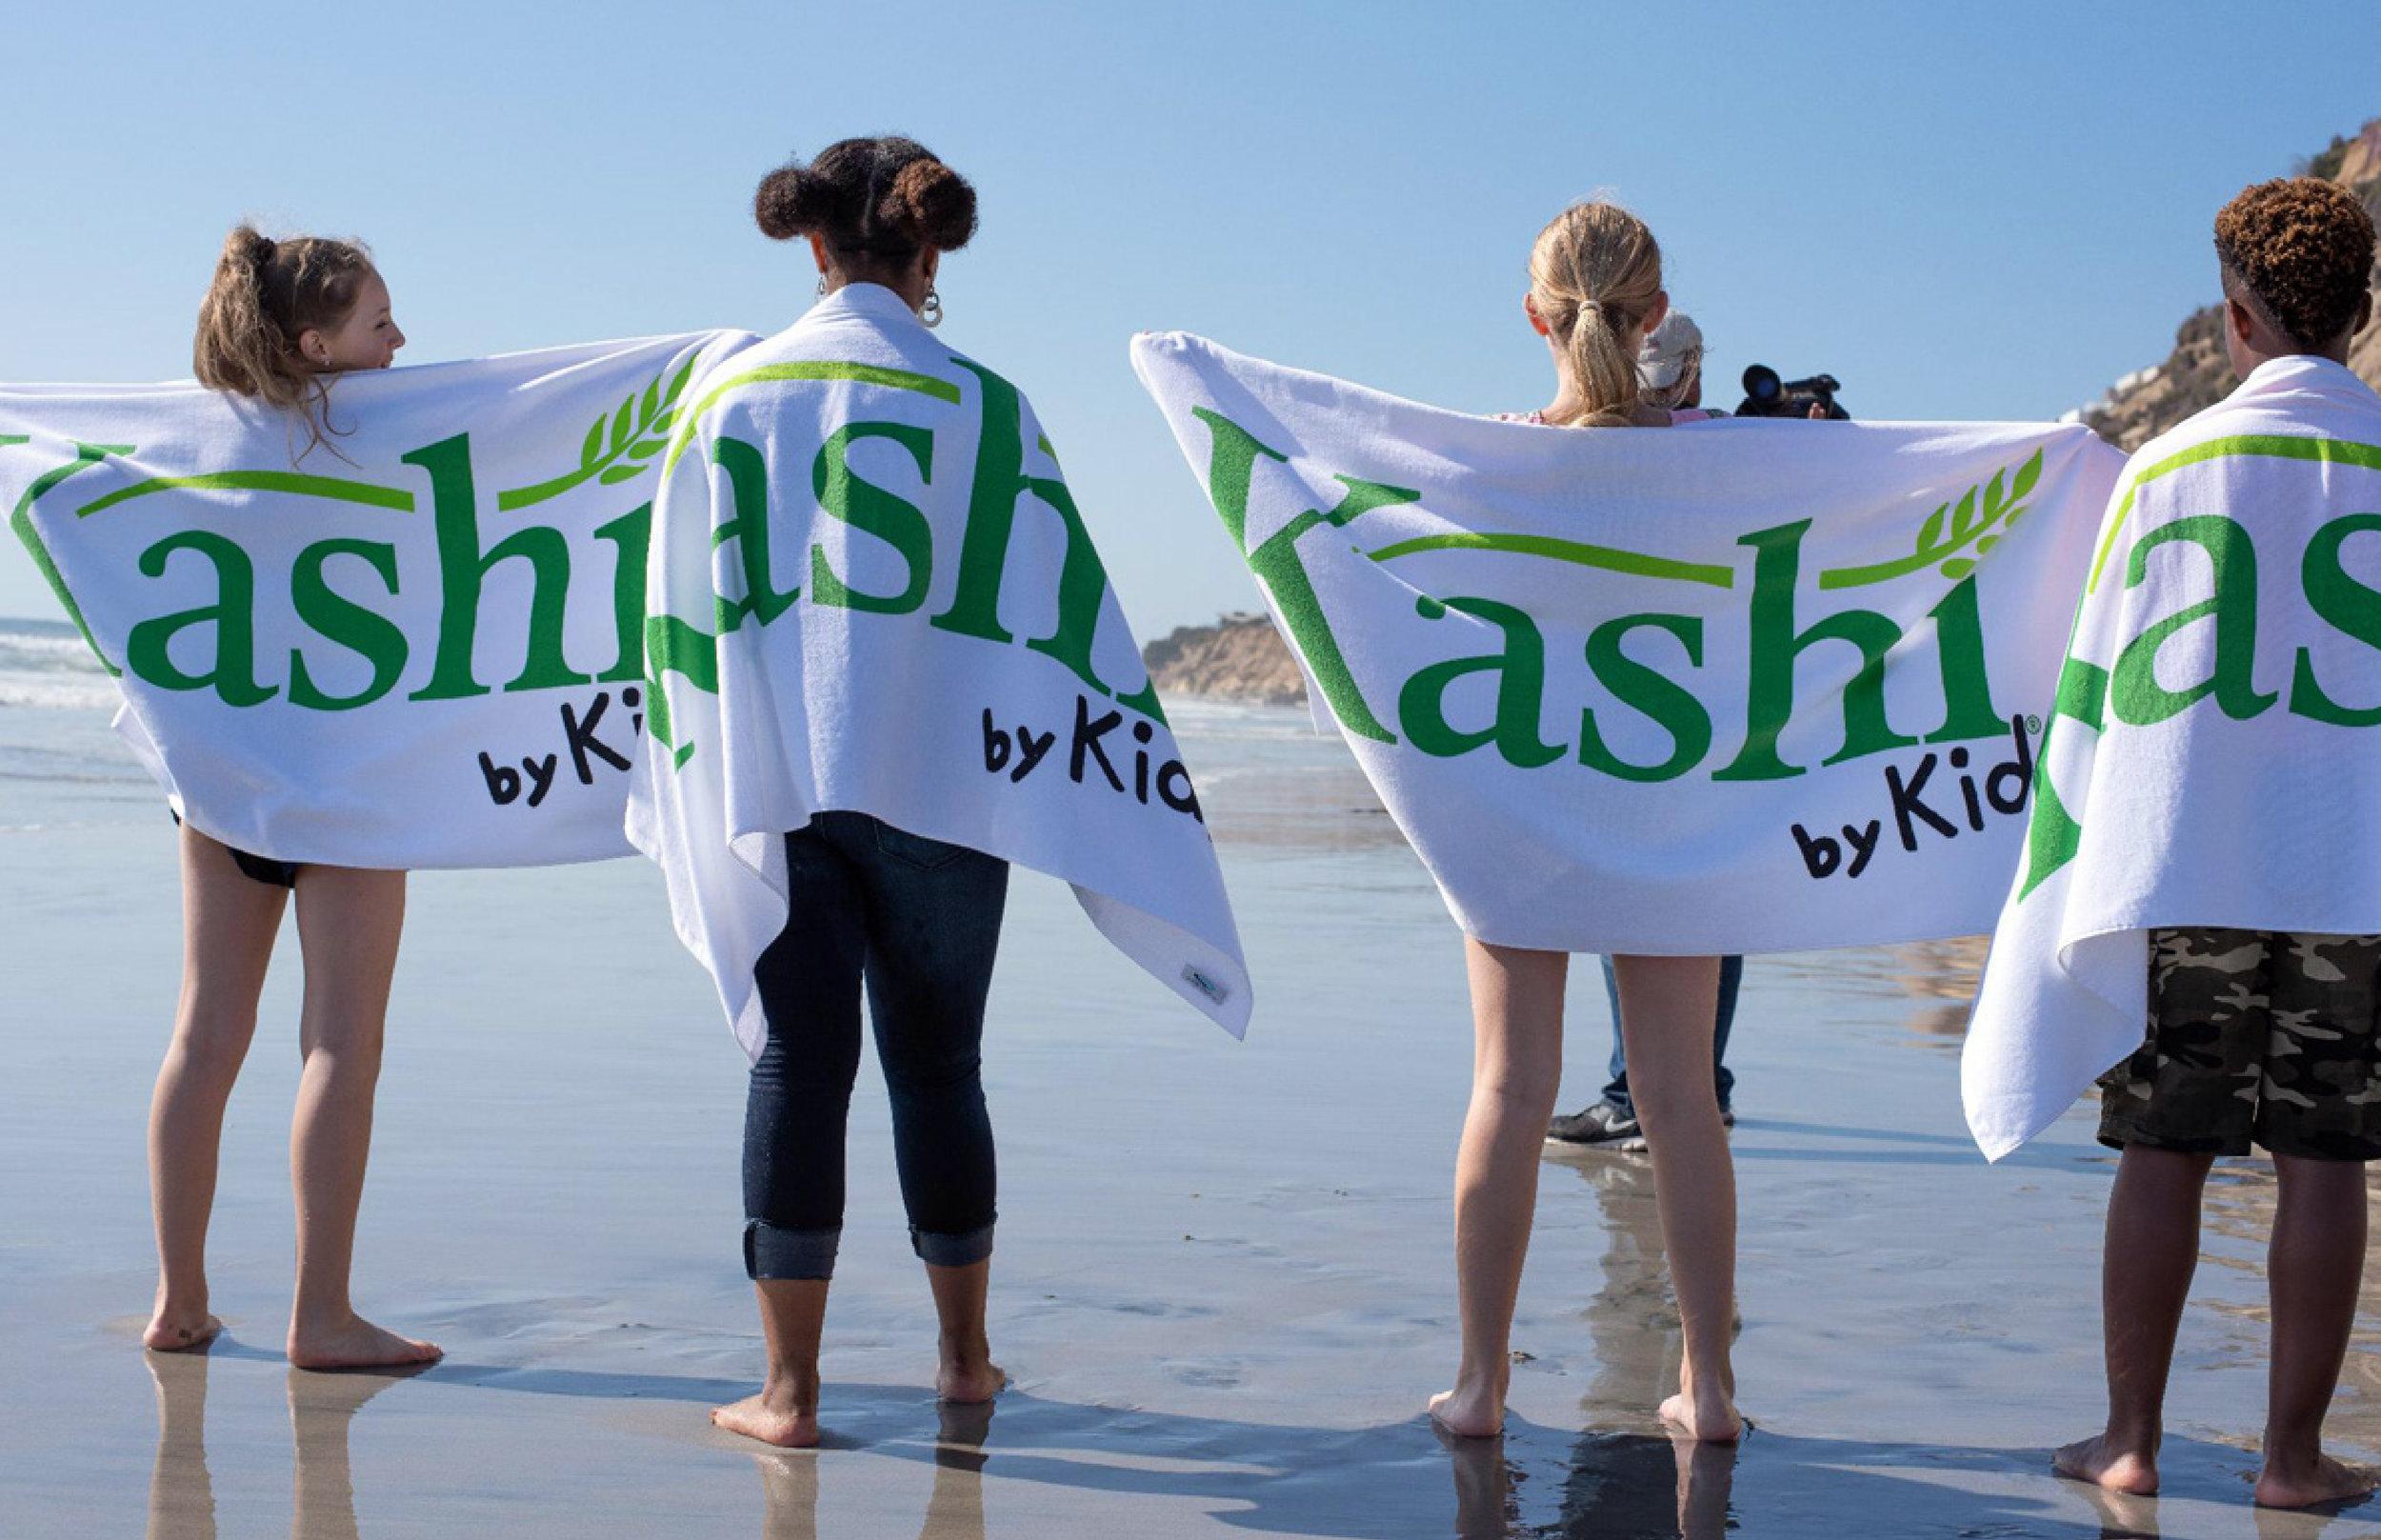 KashiByKids_CaseStudy_V2-03.jpg